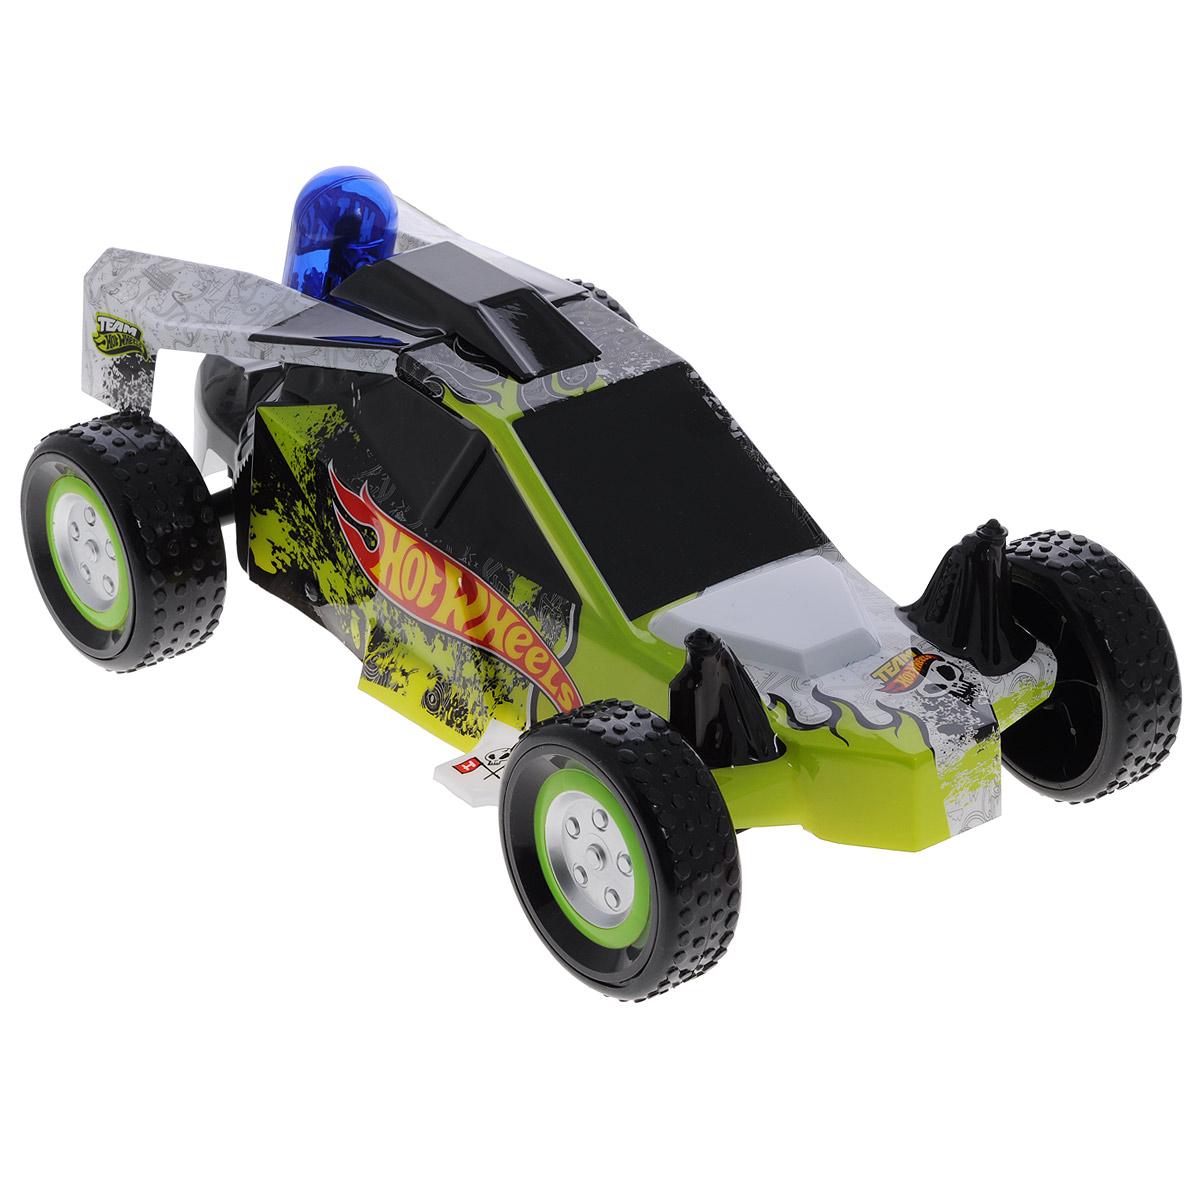 Hot Wheels Машина на радиоуправлении Nitro Buggy63258Радиоуправляемая модель Hot Wheels Nitro Buggy обязательно понравится вашему малышу! Невероятно сверхскоростная, легкая и маневренная машинка изготовлена из прочного пластика, шины выполнены из мягкой резины. Машинка управляется при помощи удобного и эргономичного пульта с антенной. Модель разгоняется до 20 км/ч и может двигаться в 8 различных направлениях (4 из них - задним ходом). Машинка оснащена нитроускорителем и имеет эффект двойного ускорения. Нажмите на кнопку двойного ускорения, расположенную на пульте управления машинкой, нитроускоритель засветится, а багги разгонится сильнее обычного. Ваш ребенок часами будет играть с игрушкой, придумывая различные истории и устраивая соревнования. Порадуйте его таким замечательным подарком! Машинка работает от сменного аккумулятора (входит в комплект). Для работы пульта управления необходимы 2 батарейки типа АА (товар комплектуется демонстрационными).